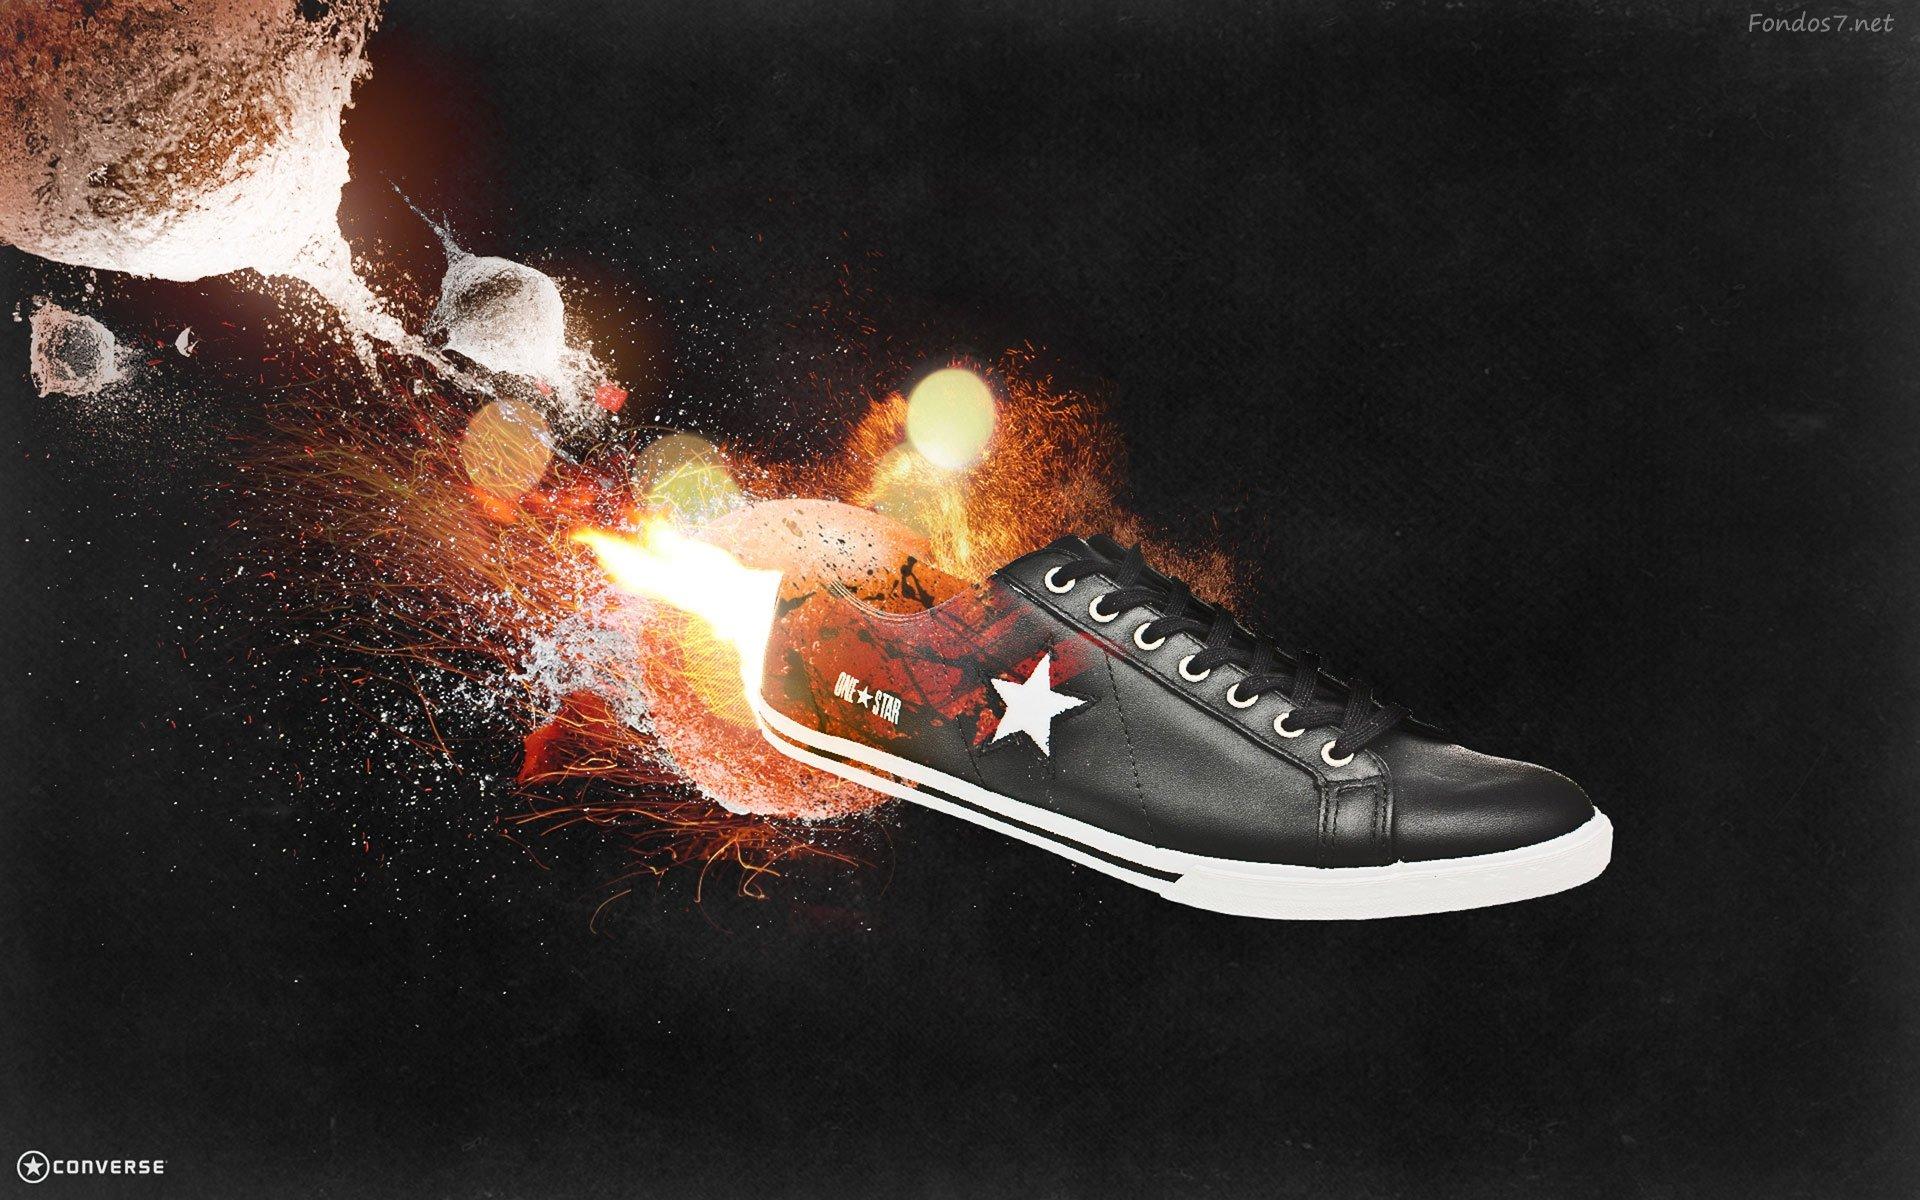 De 1500x1500 Fondo Descargar Adidas Pantalla 54RLj3A